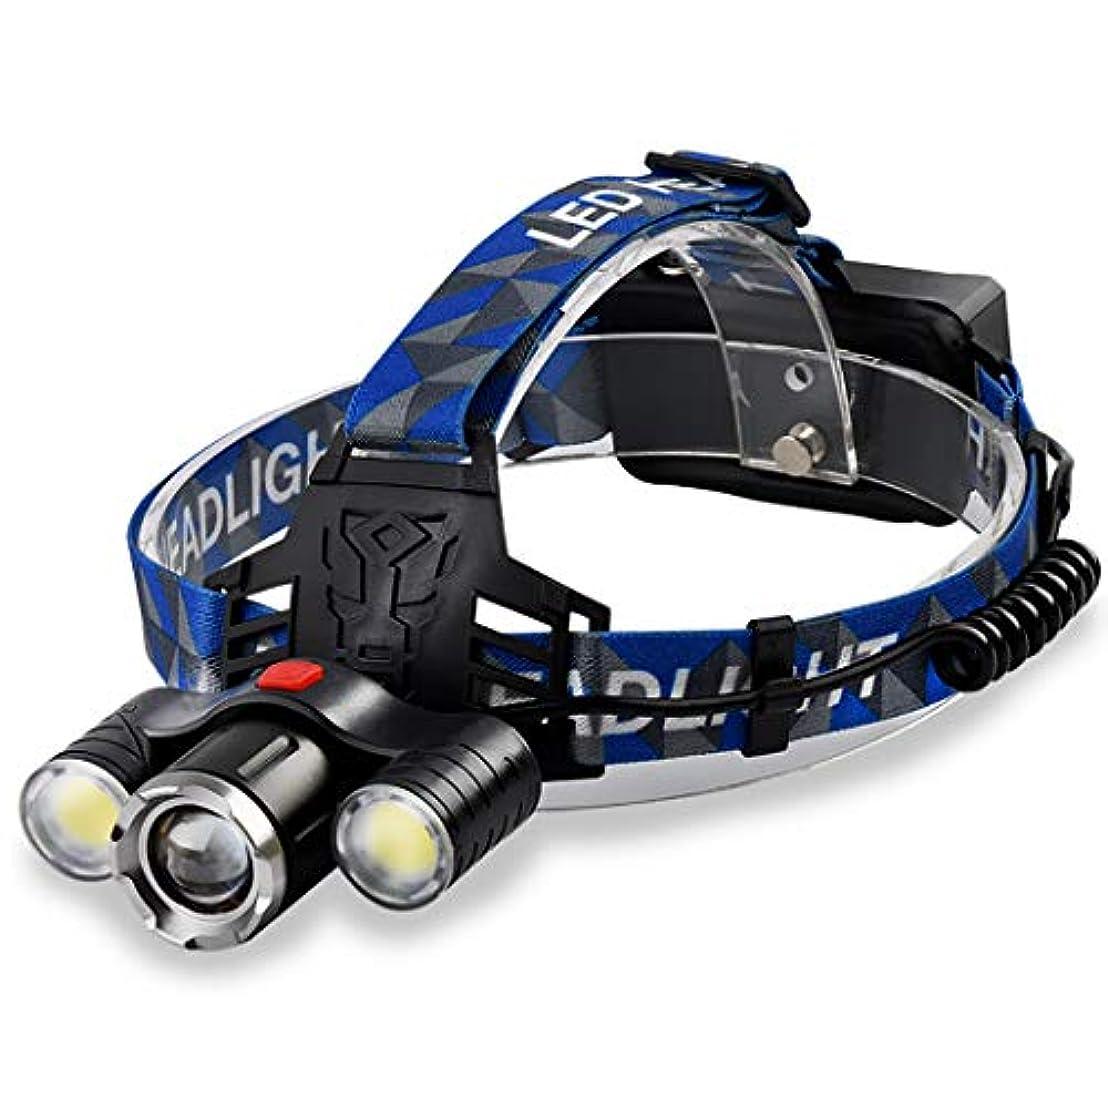 サーマル適応する滝HSBAIS 高輝度 ヘッドライト LED、USB 充電式 ヘッドランプ 防水 軽量 ヘルメットライト 両手が自由と調整可能 ヘッドバンド,black